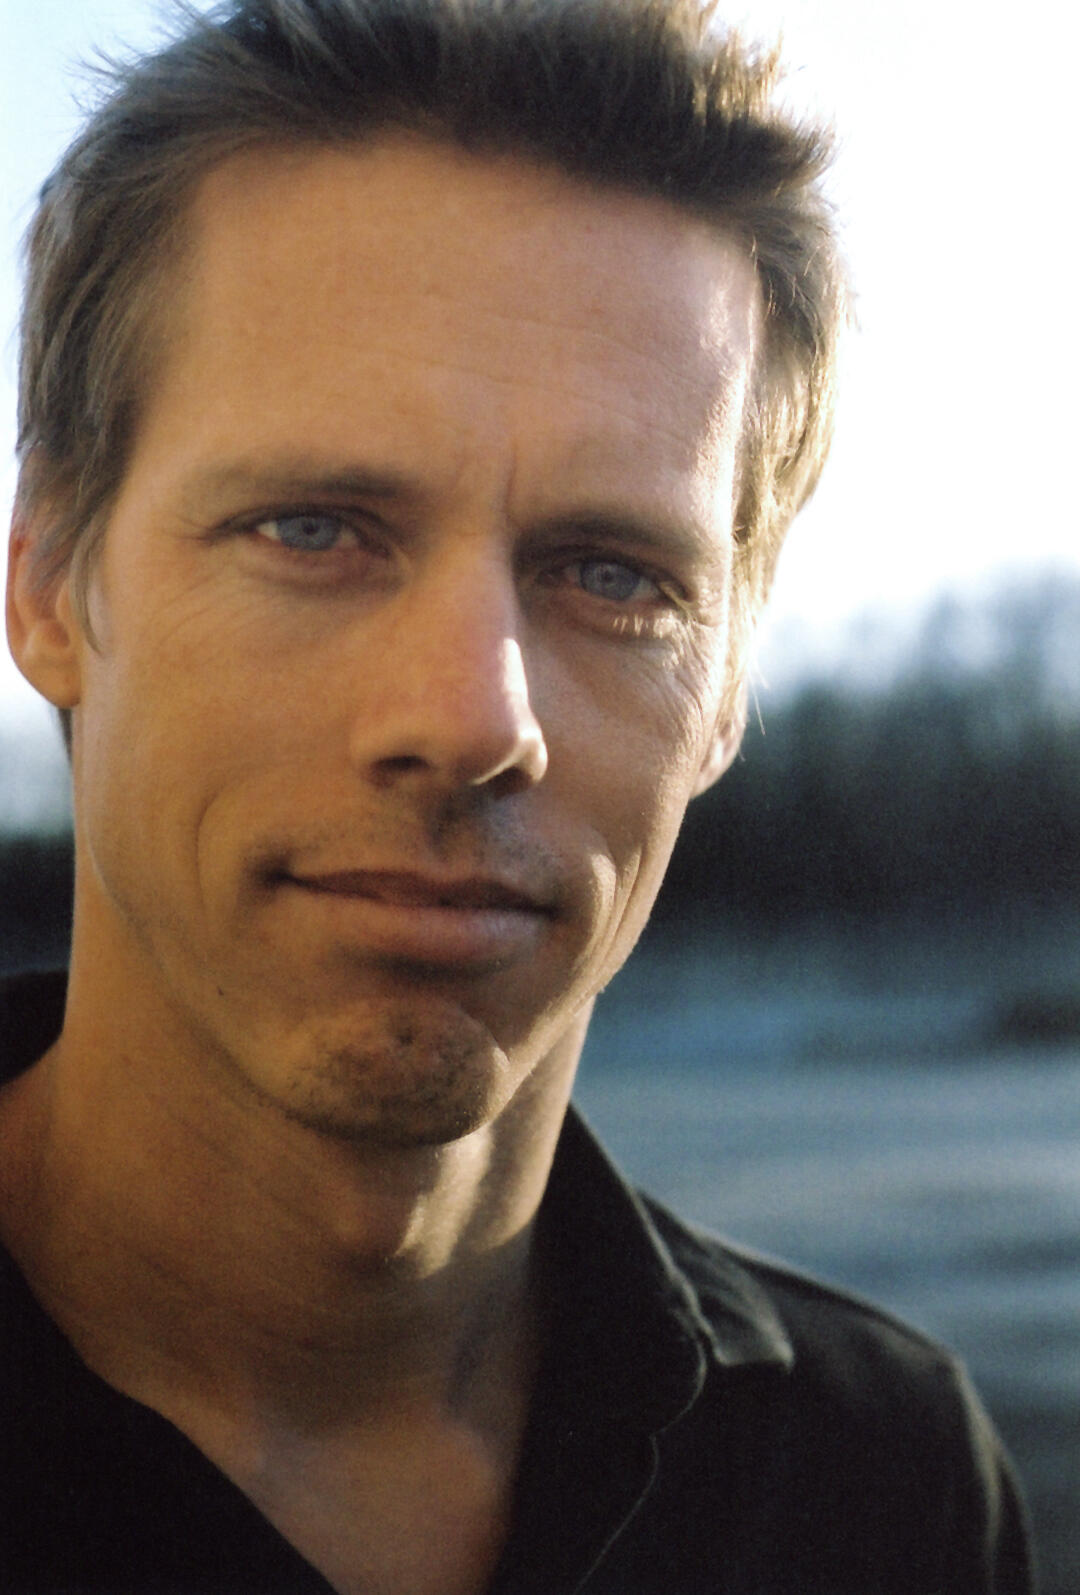 john bresland video essay